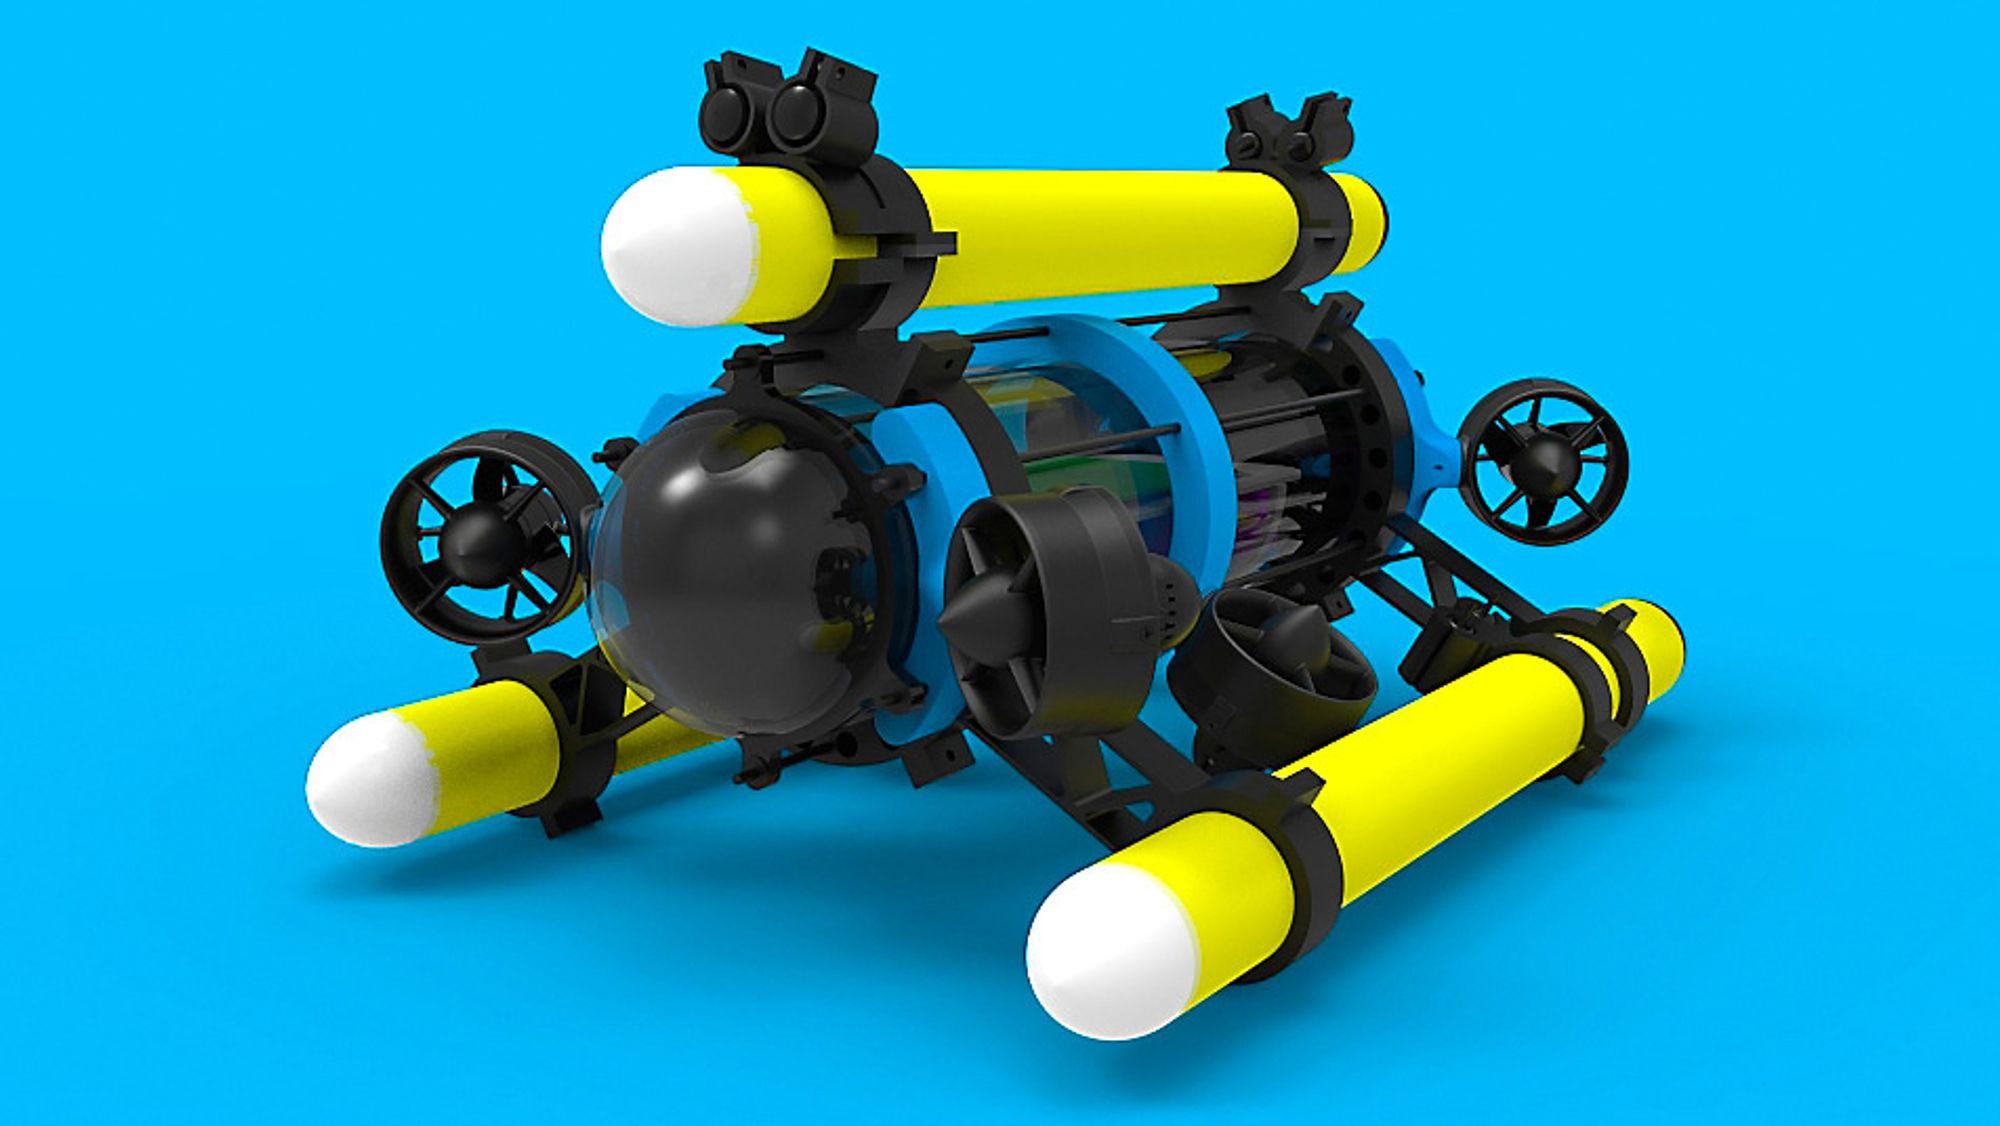 Denne trådløse undervannsdronen tilbyr live video opp til 100 meter fra basestasjonen.